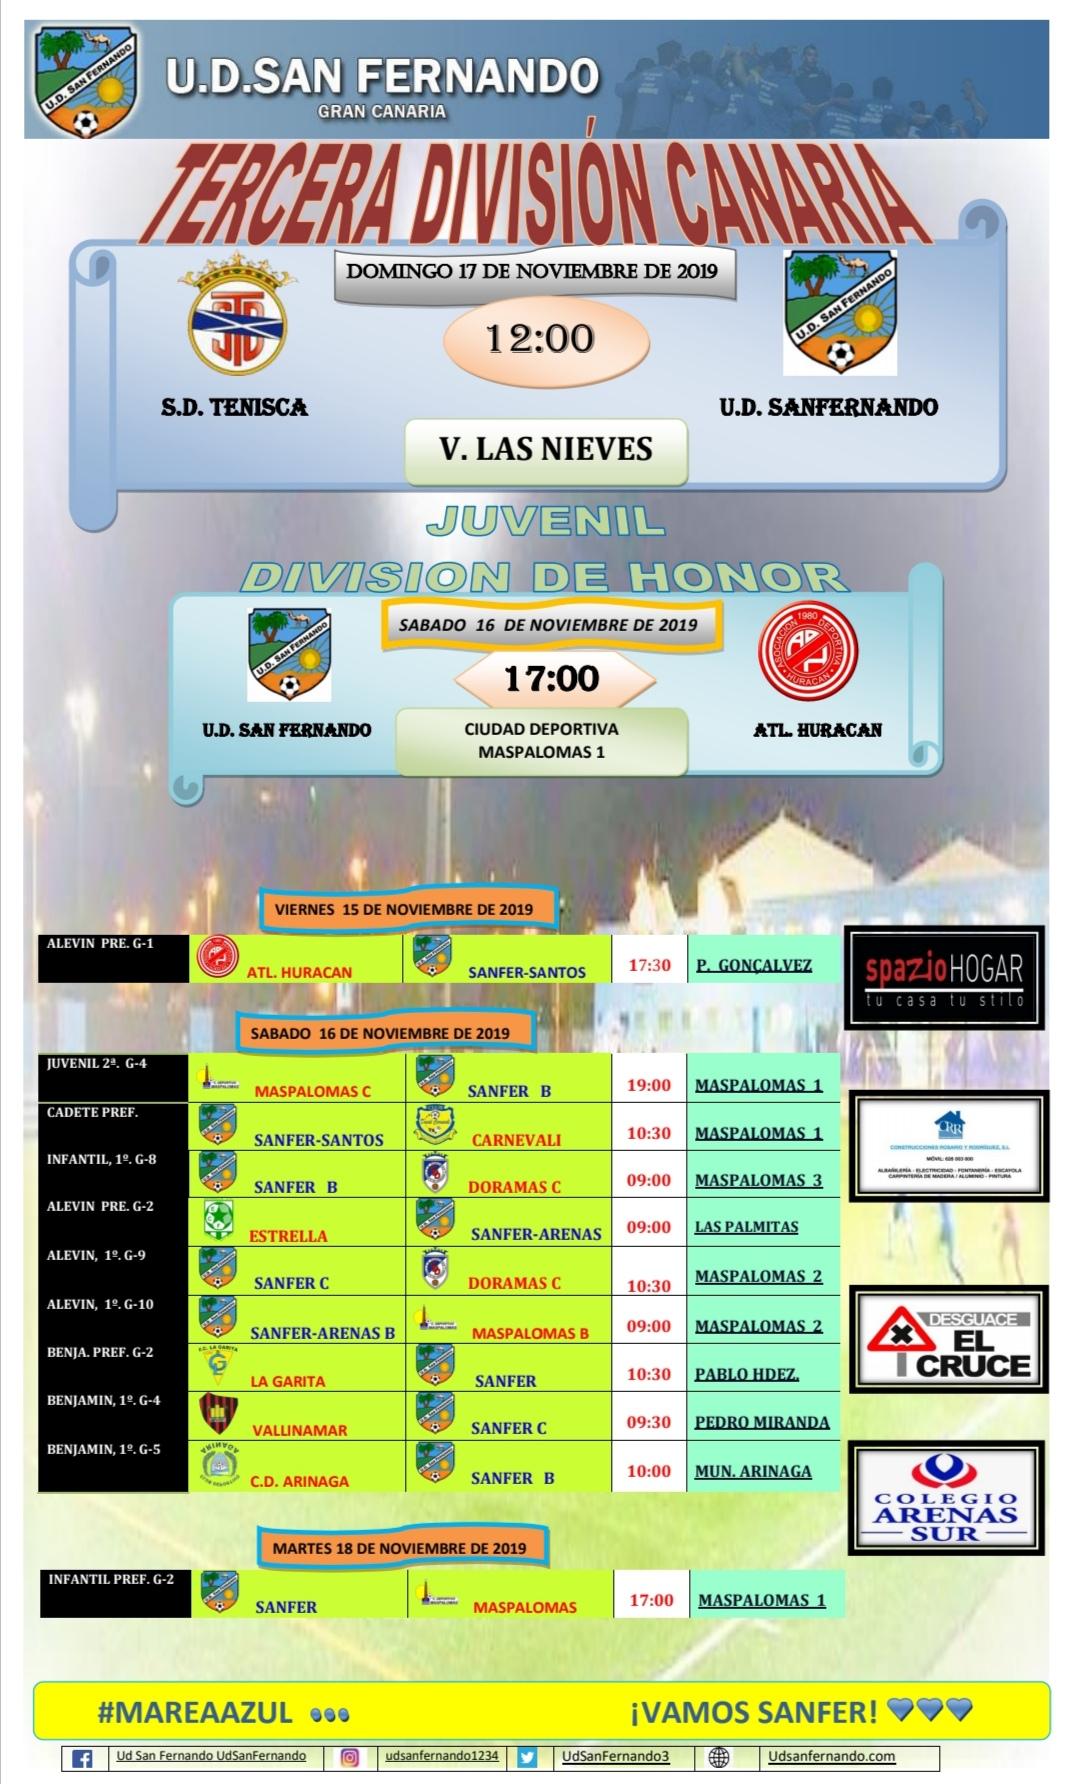 PARTIDOS PRÓXIMA JORNADA 16-11-19  HASTA 18-11-19